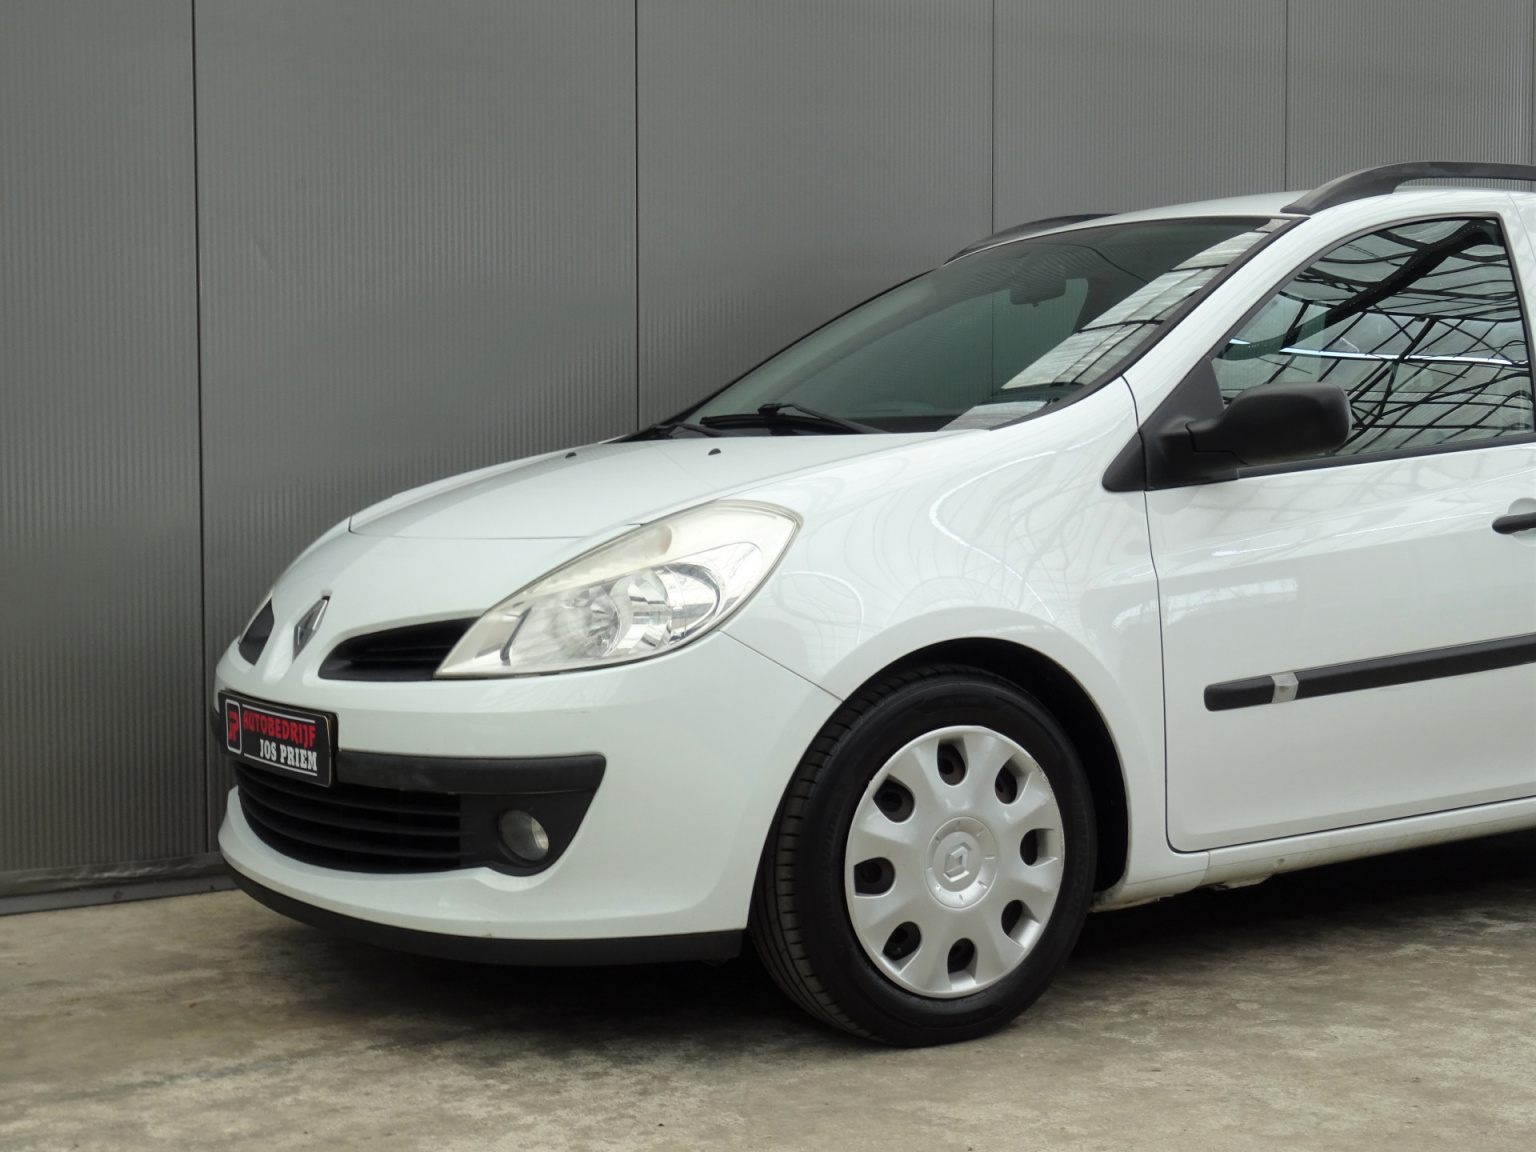 Renault-Clio-32